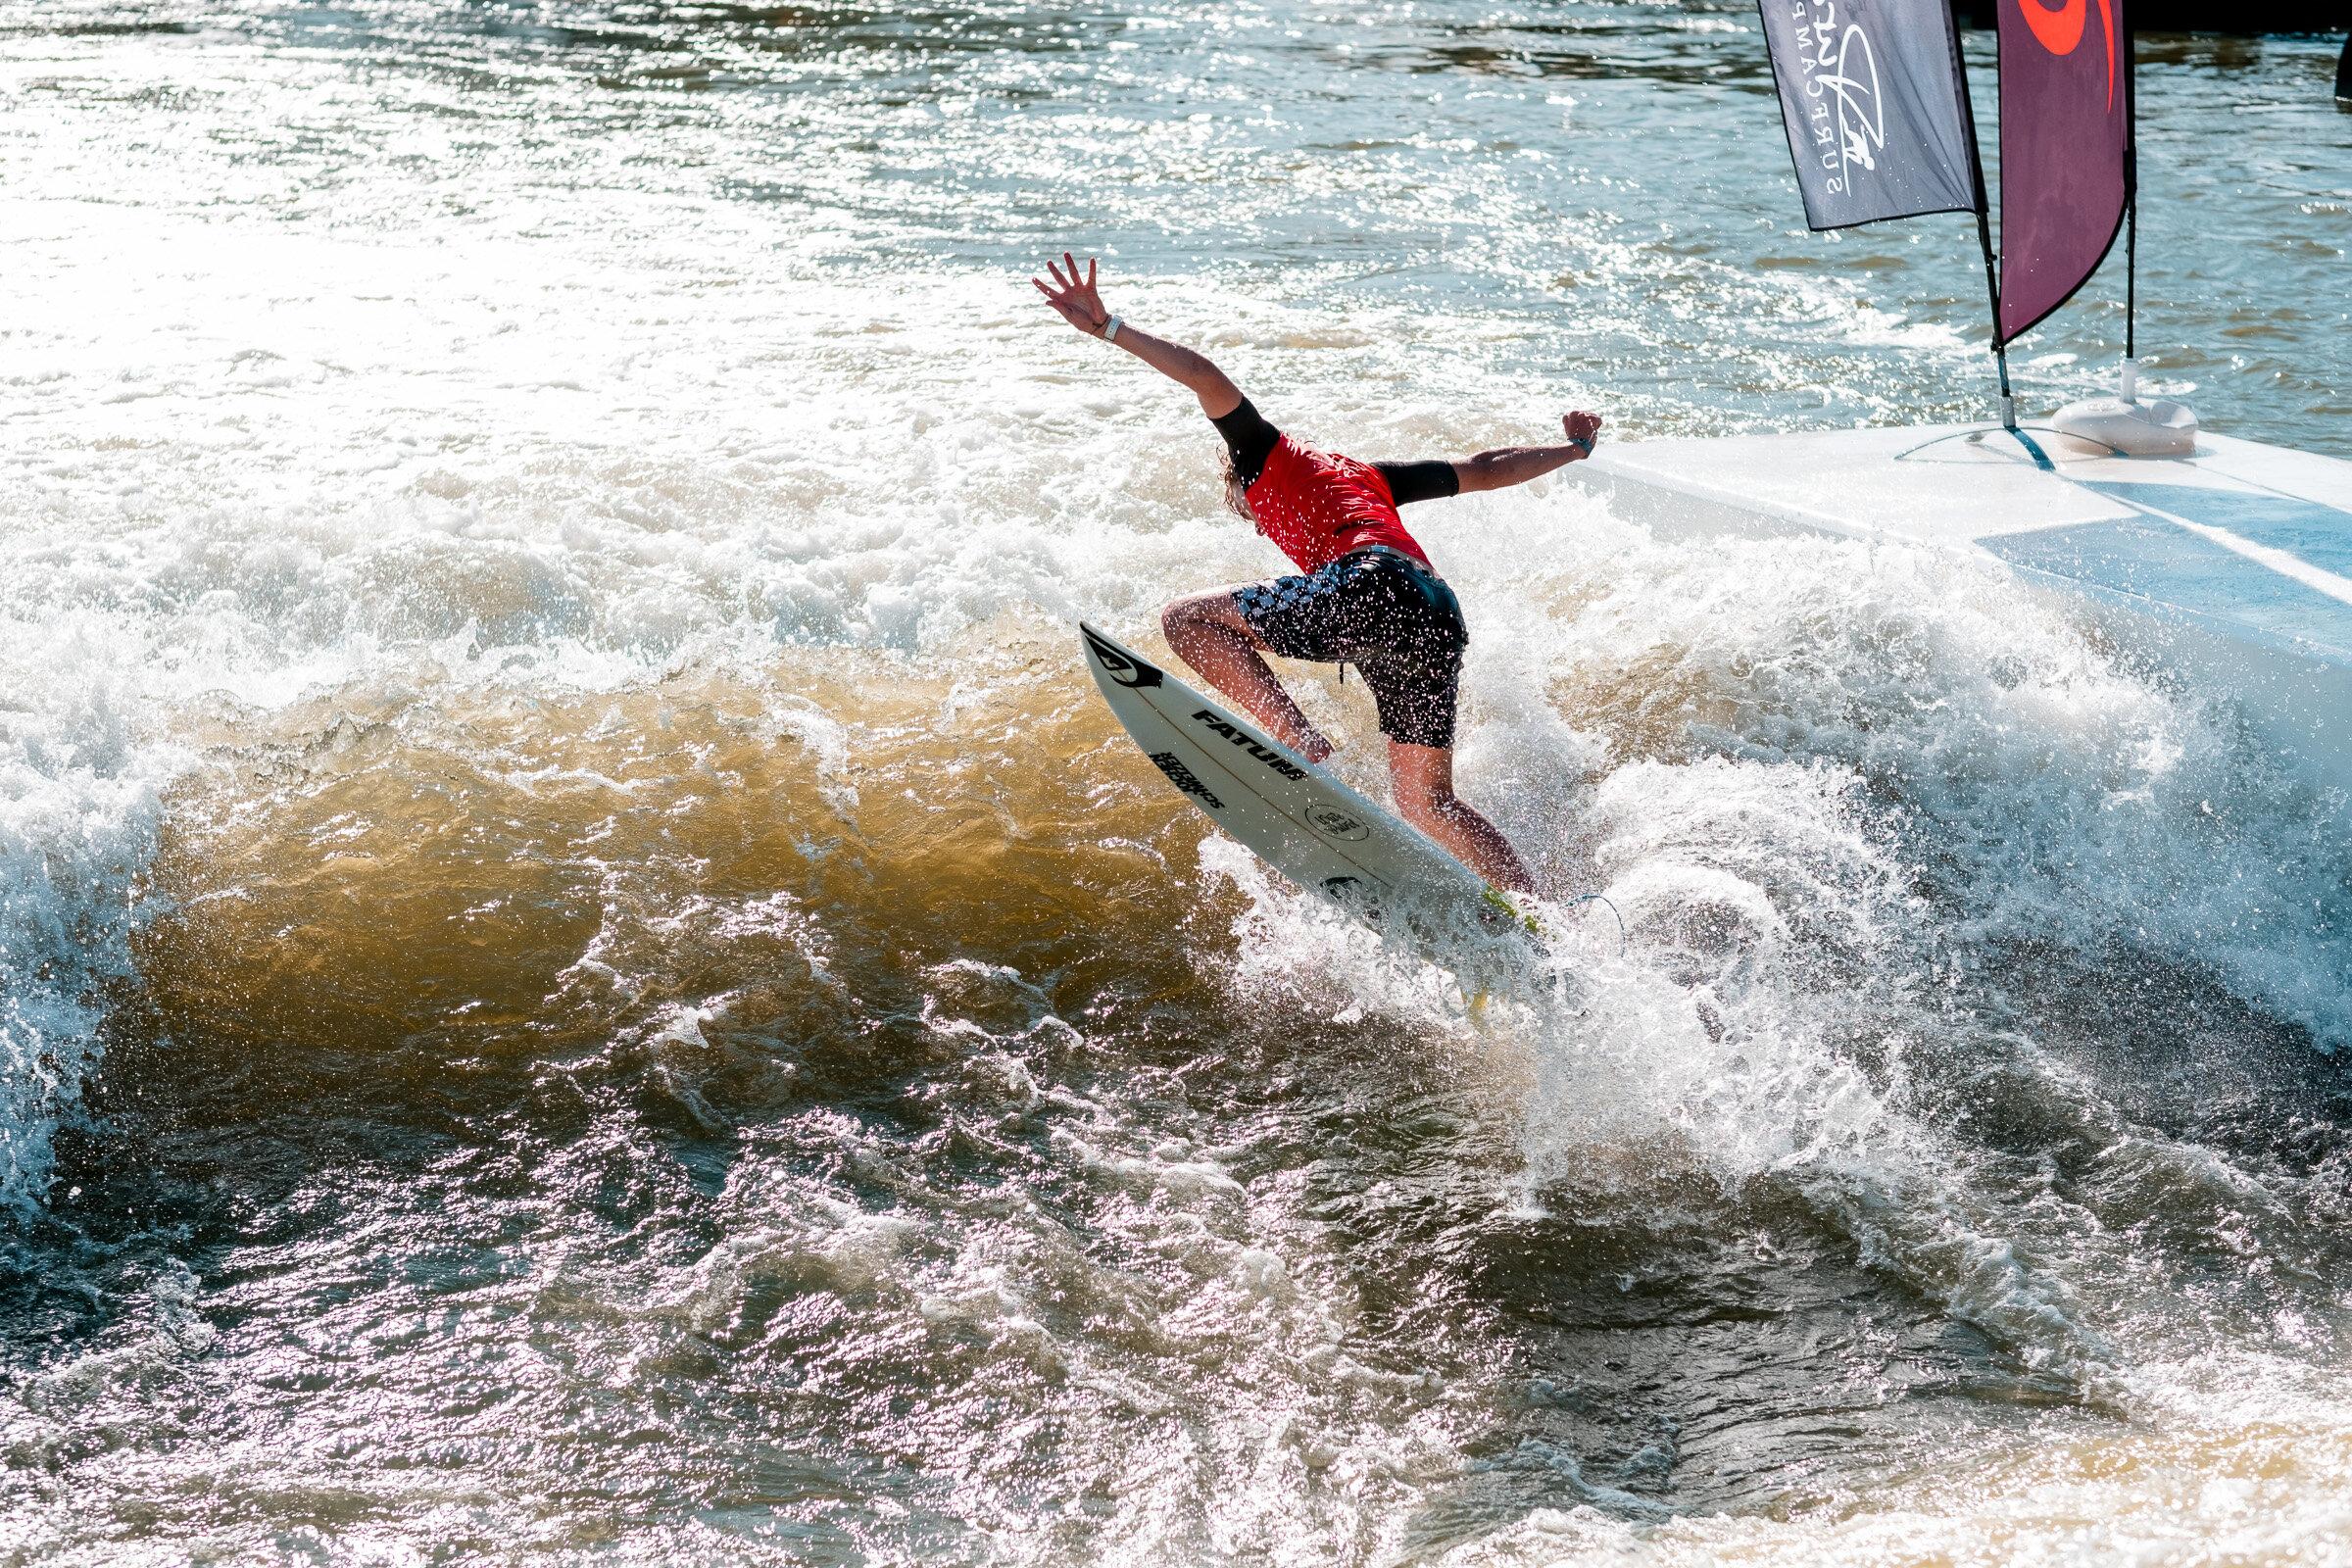 rapid-surf-contest-derKristof-246.jpg